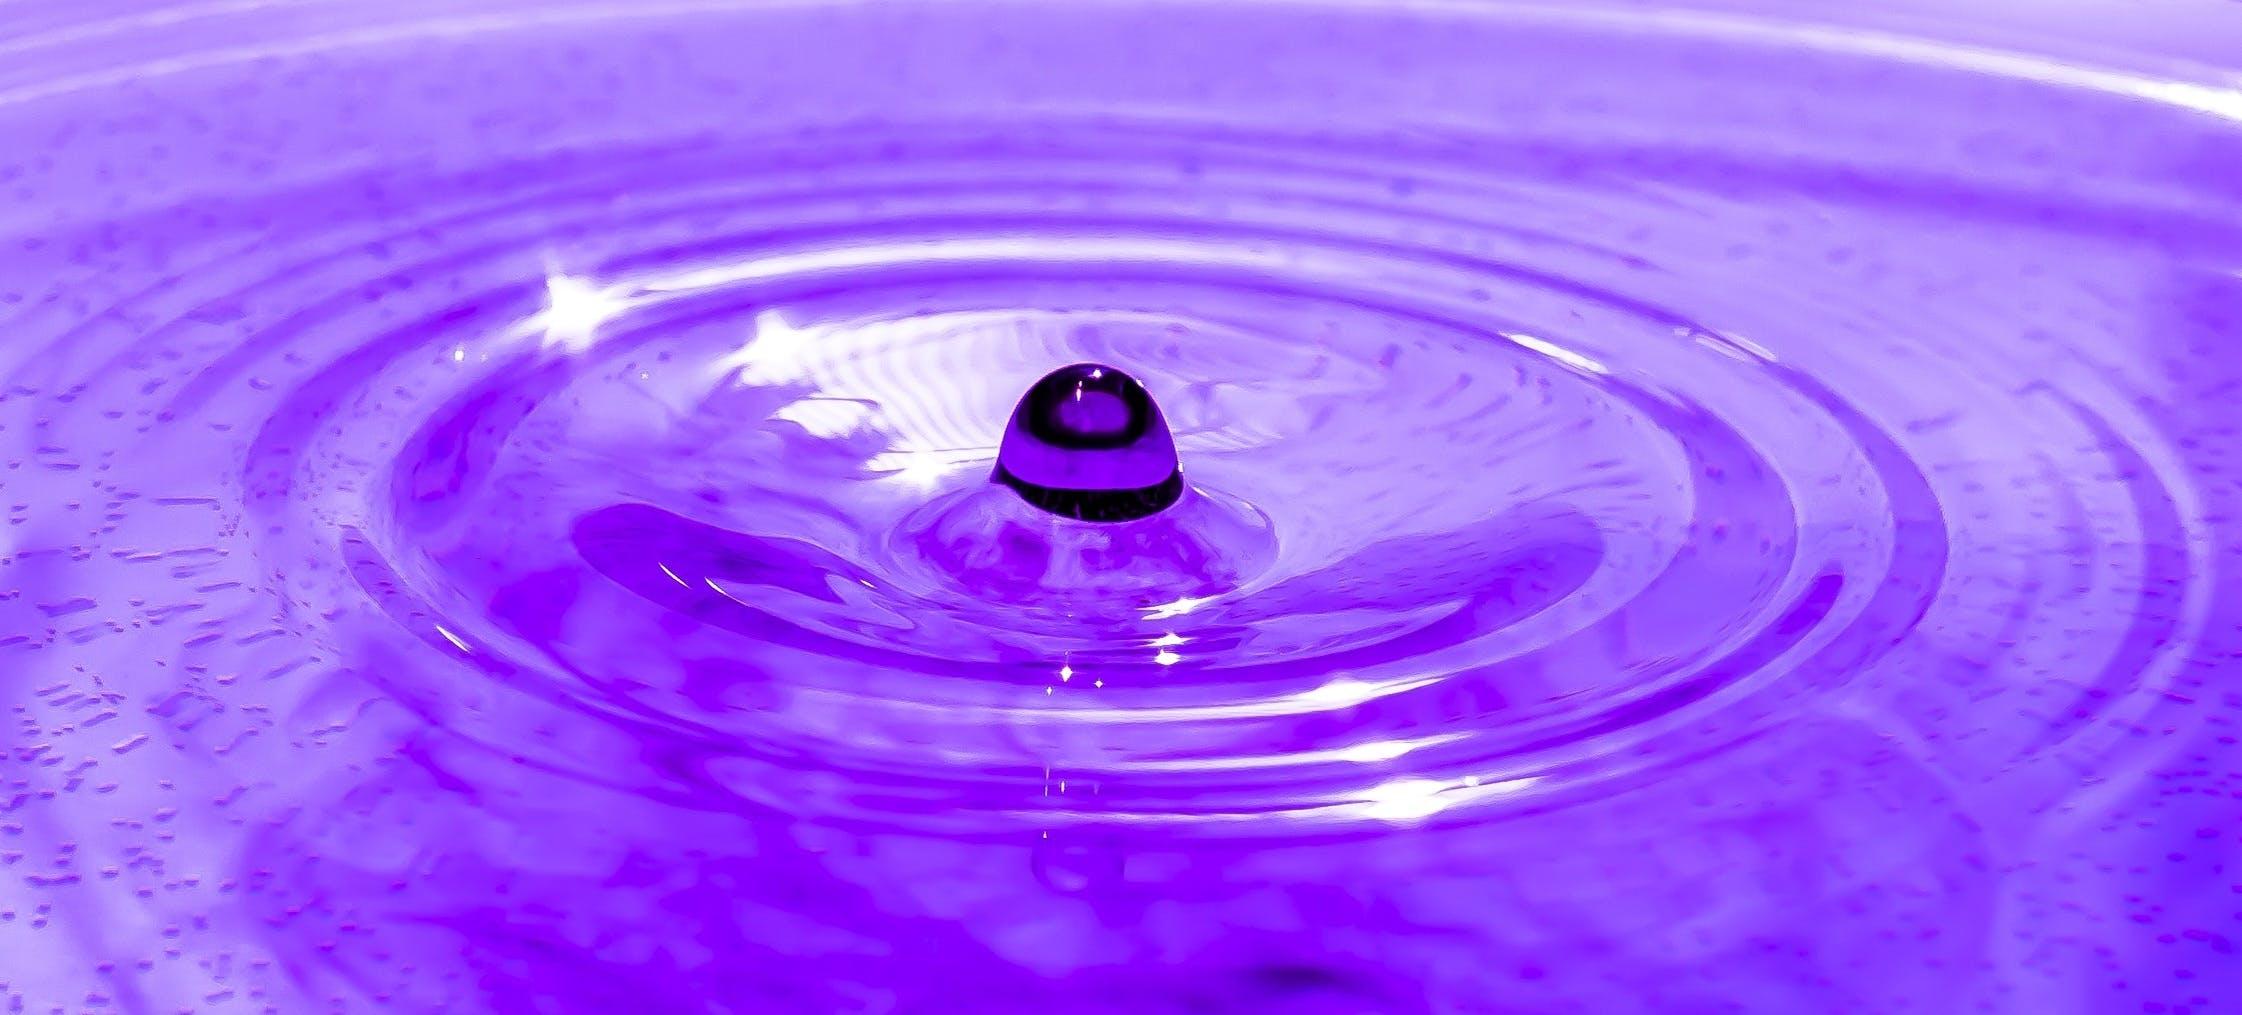 Ảnh lưu trữ miễn phí về bong bóng, cận cảnh, chất lỏng, dọn dẹp